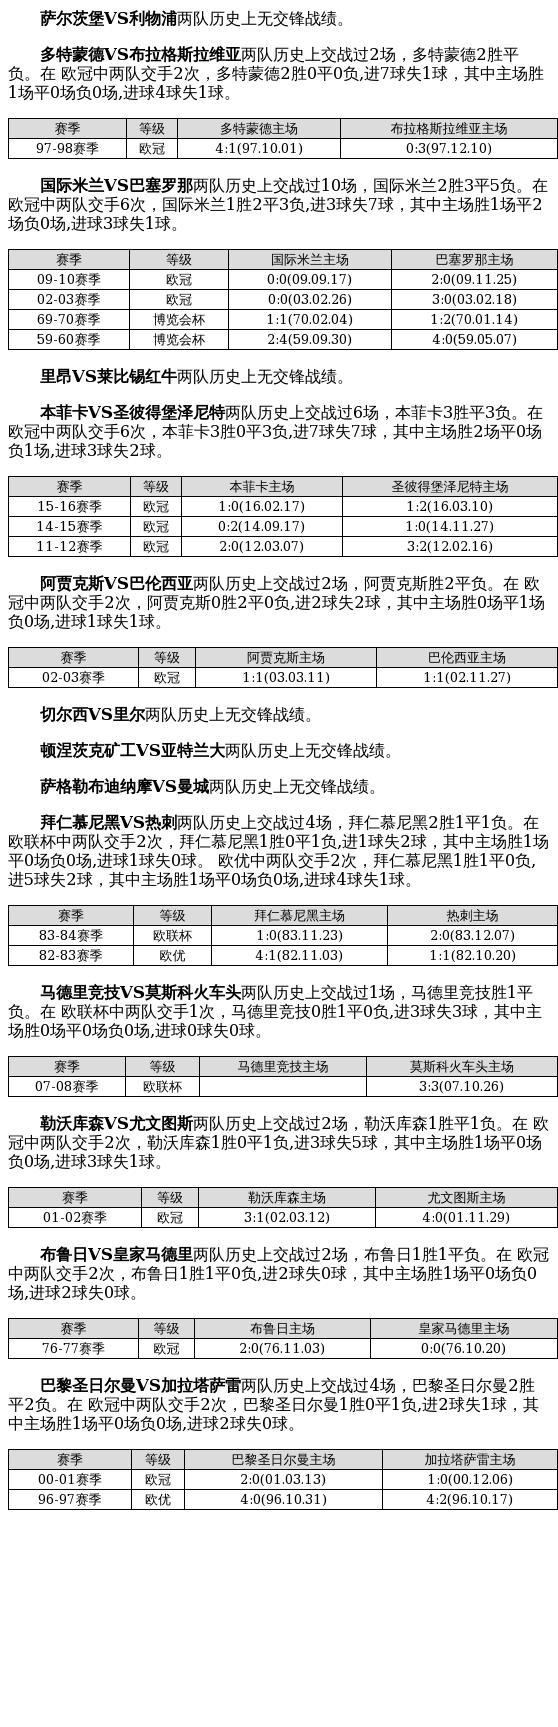 中国足球彩票19172期胜负游戏14场交战记录